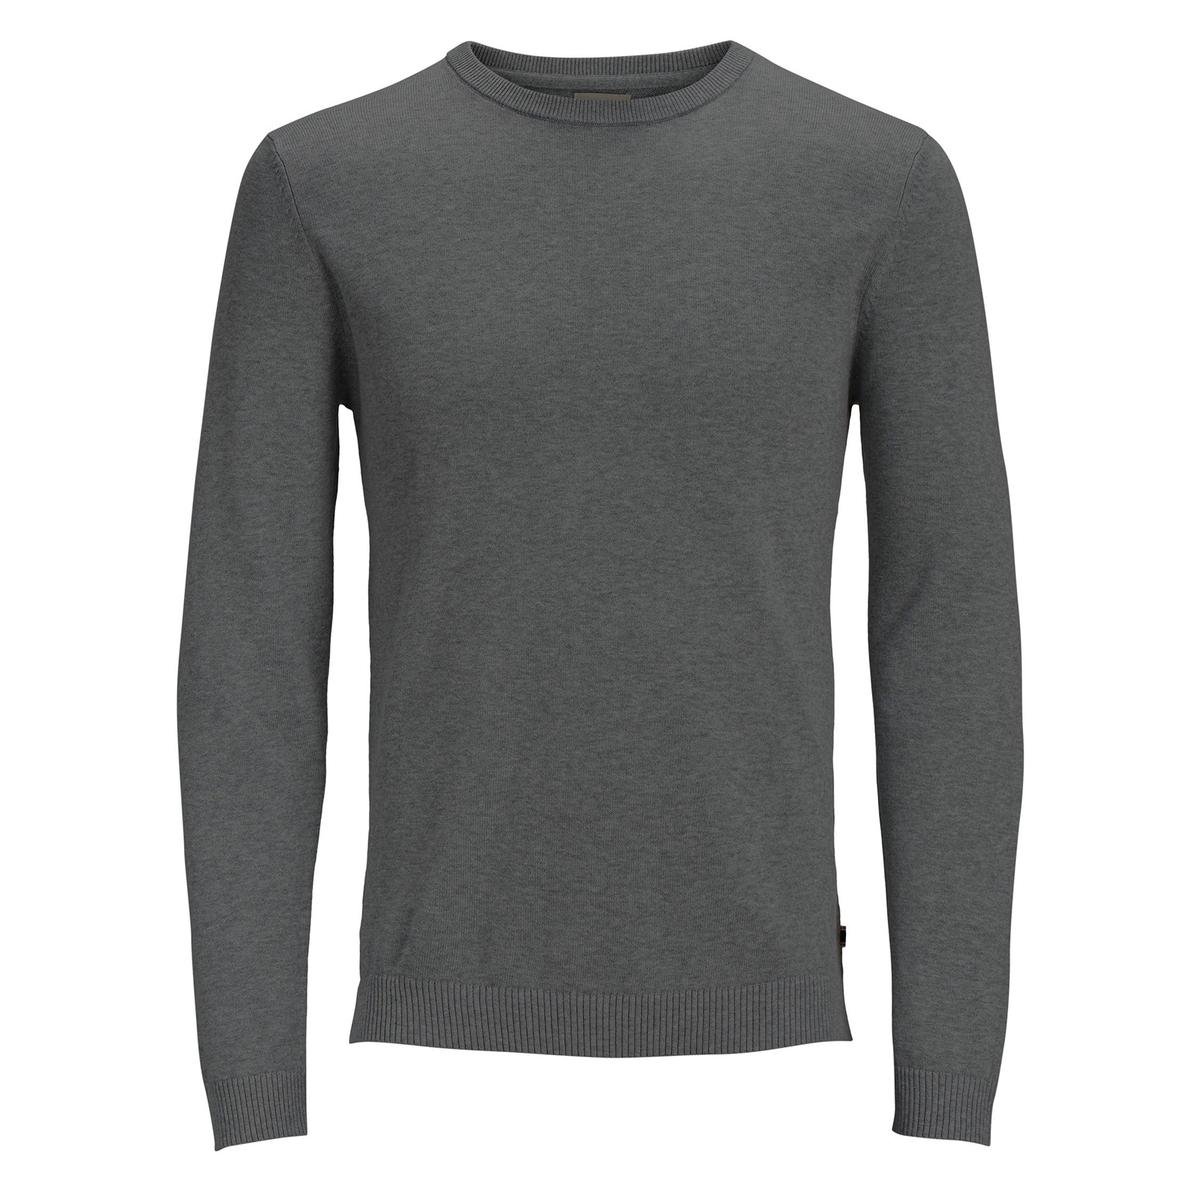 Пуловер La Redoute С круглым вырезом из тонкого трикотажа XXL серый